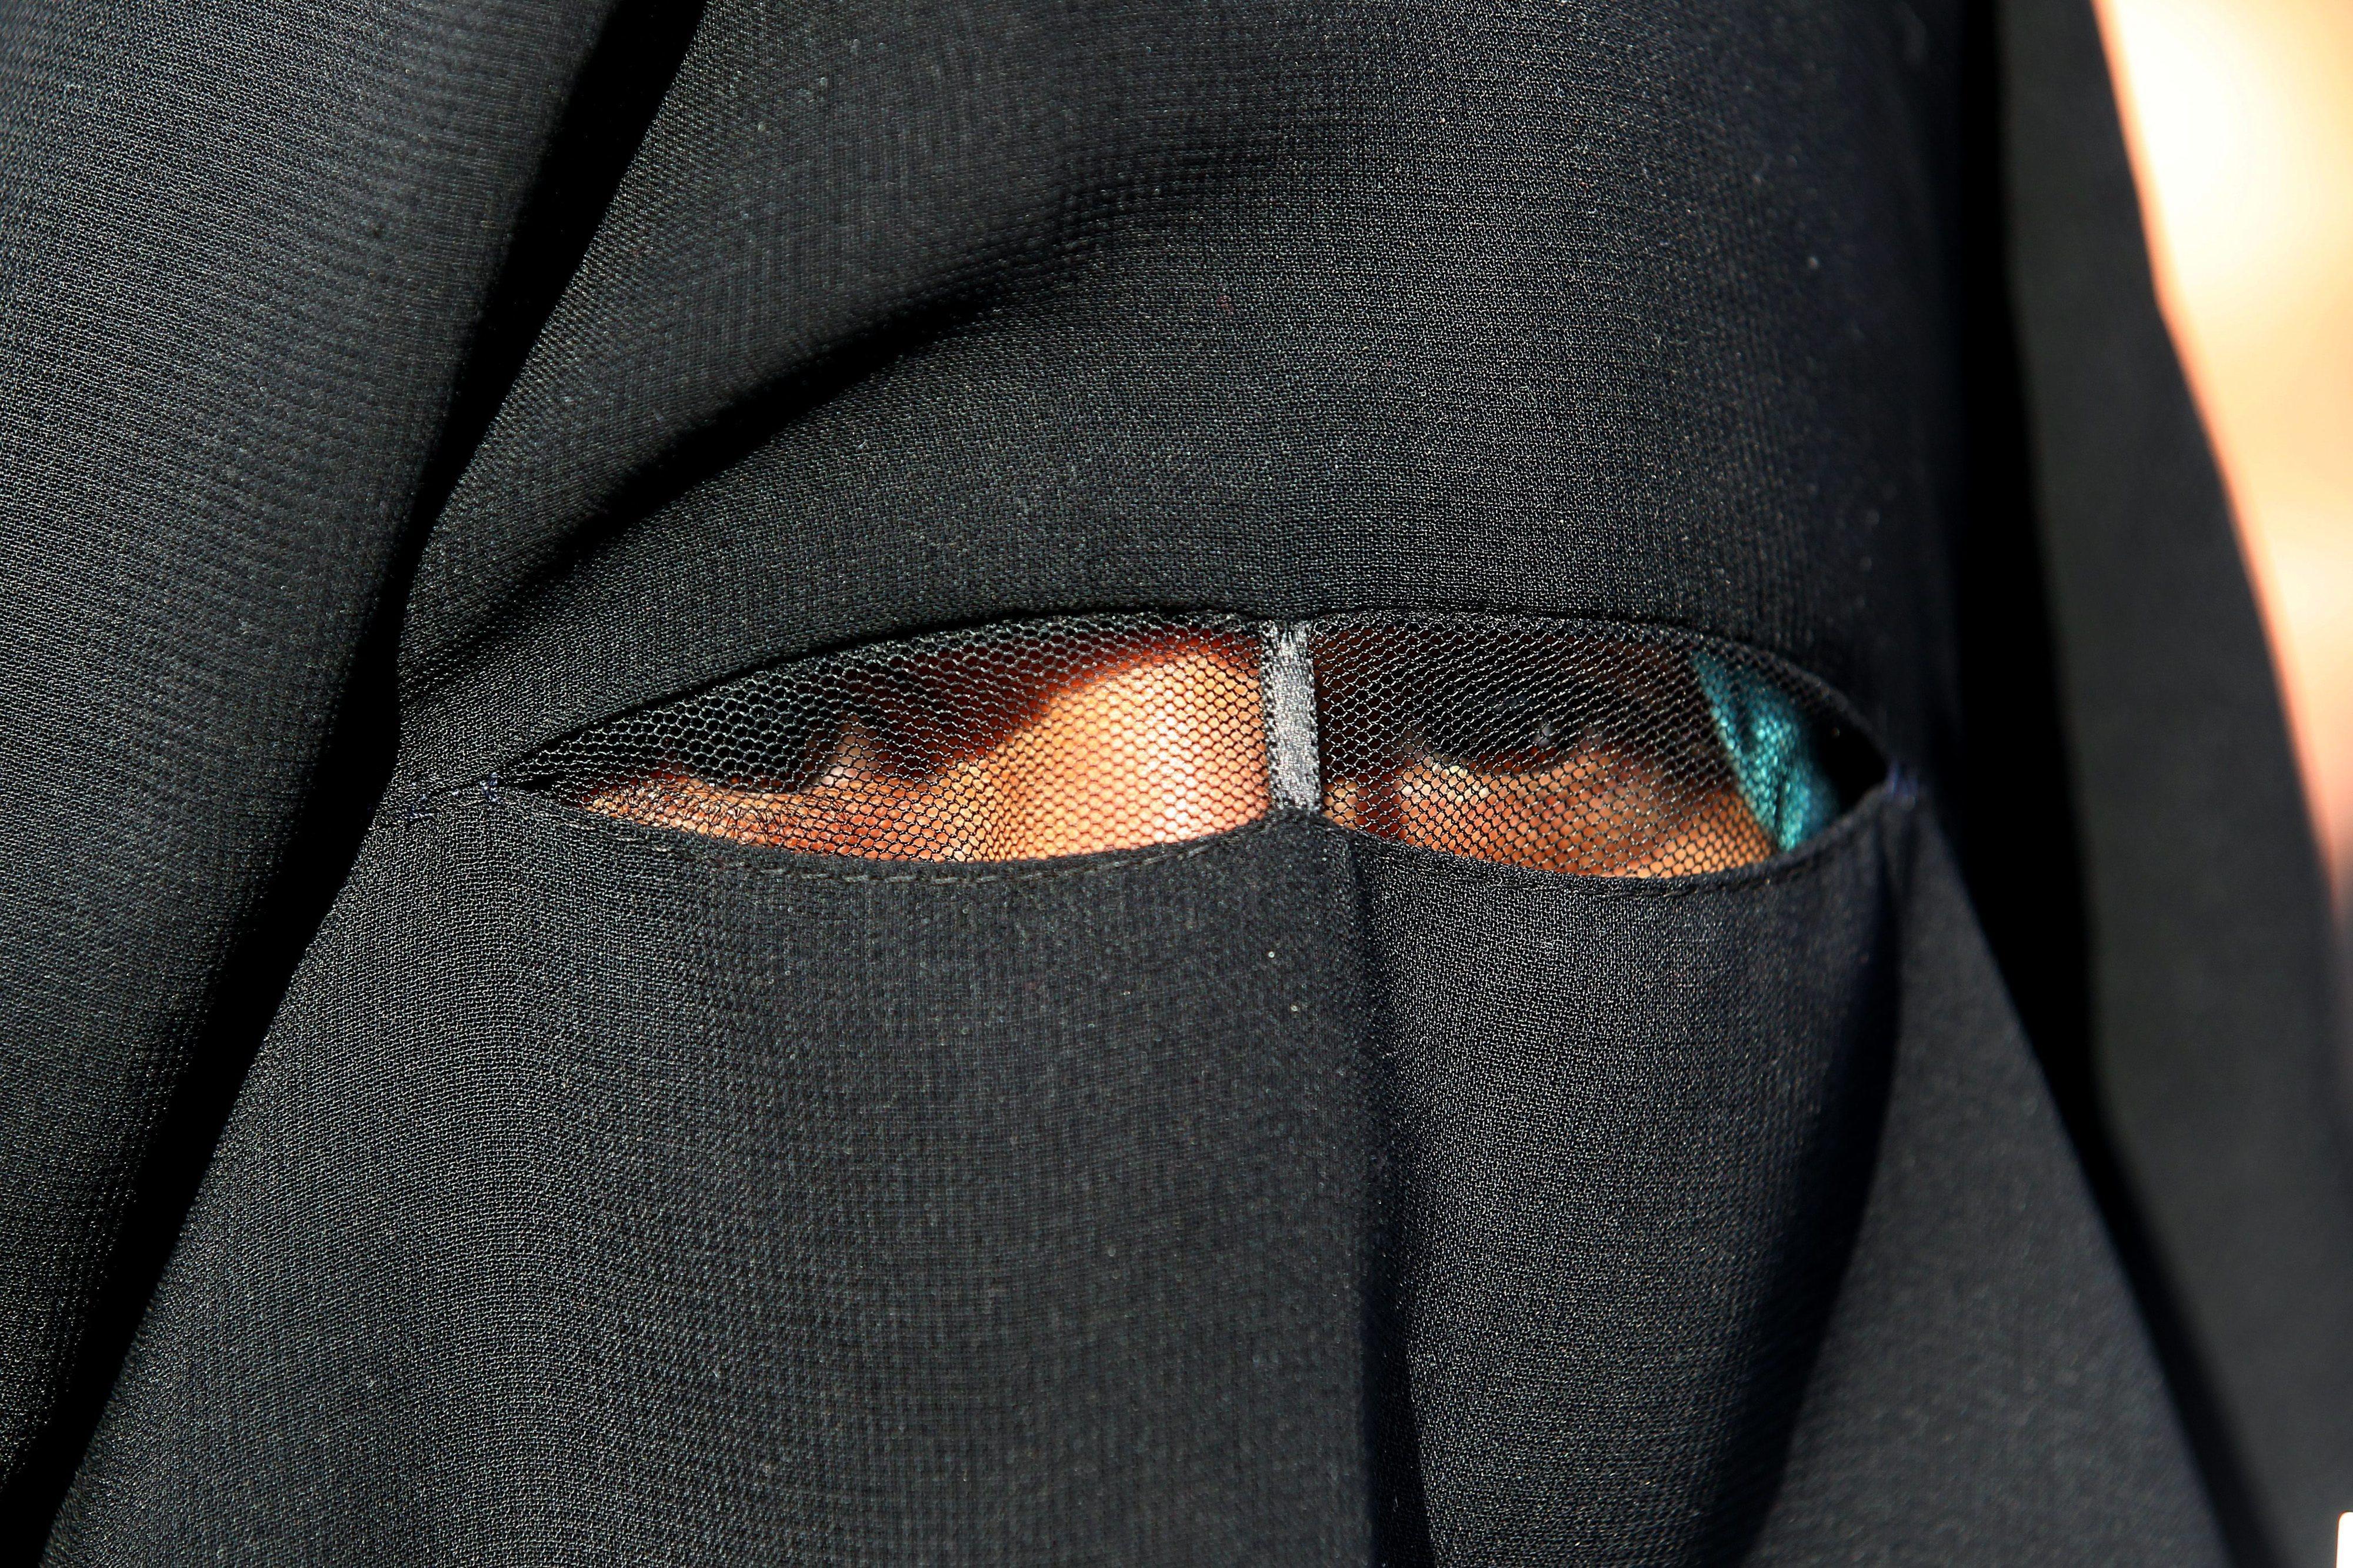 Parlamento austríaco aprova proibição do véu islâmico nas escolas primárias